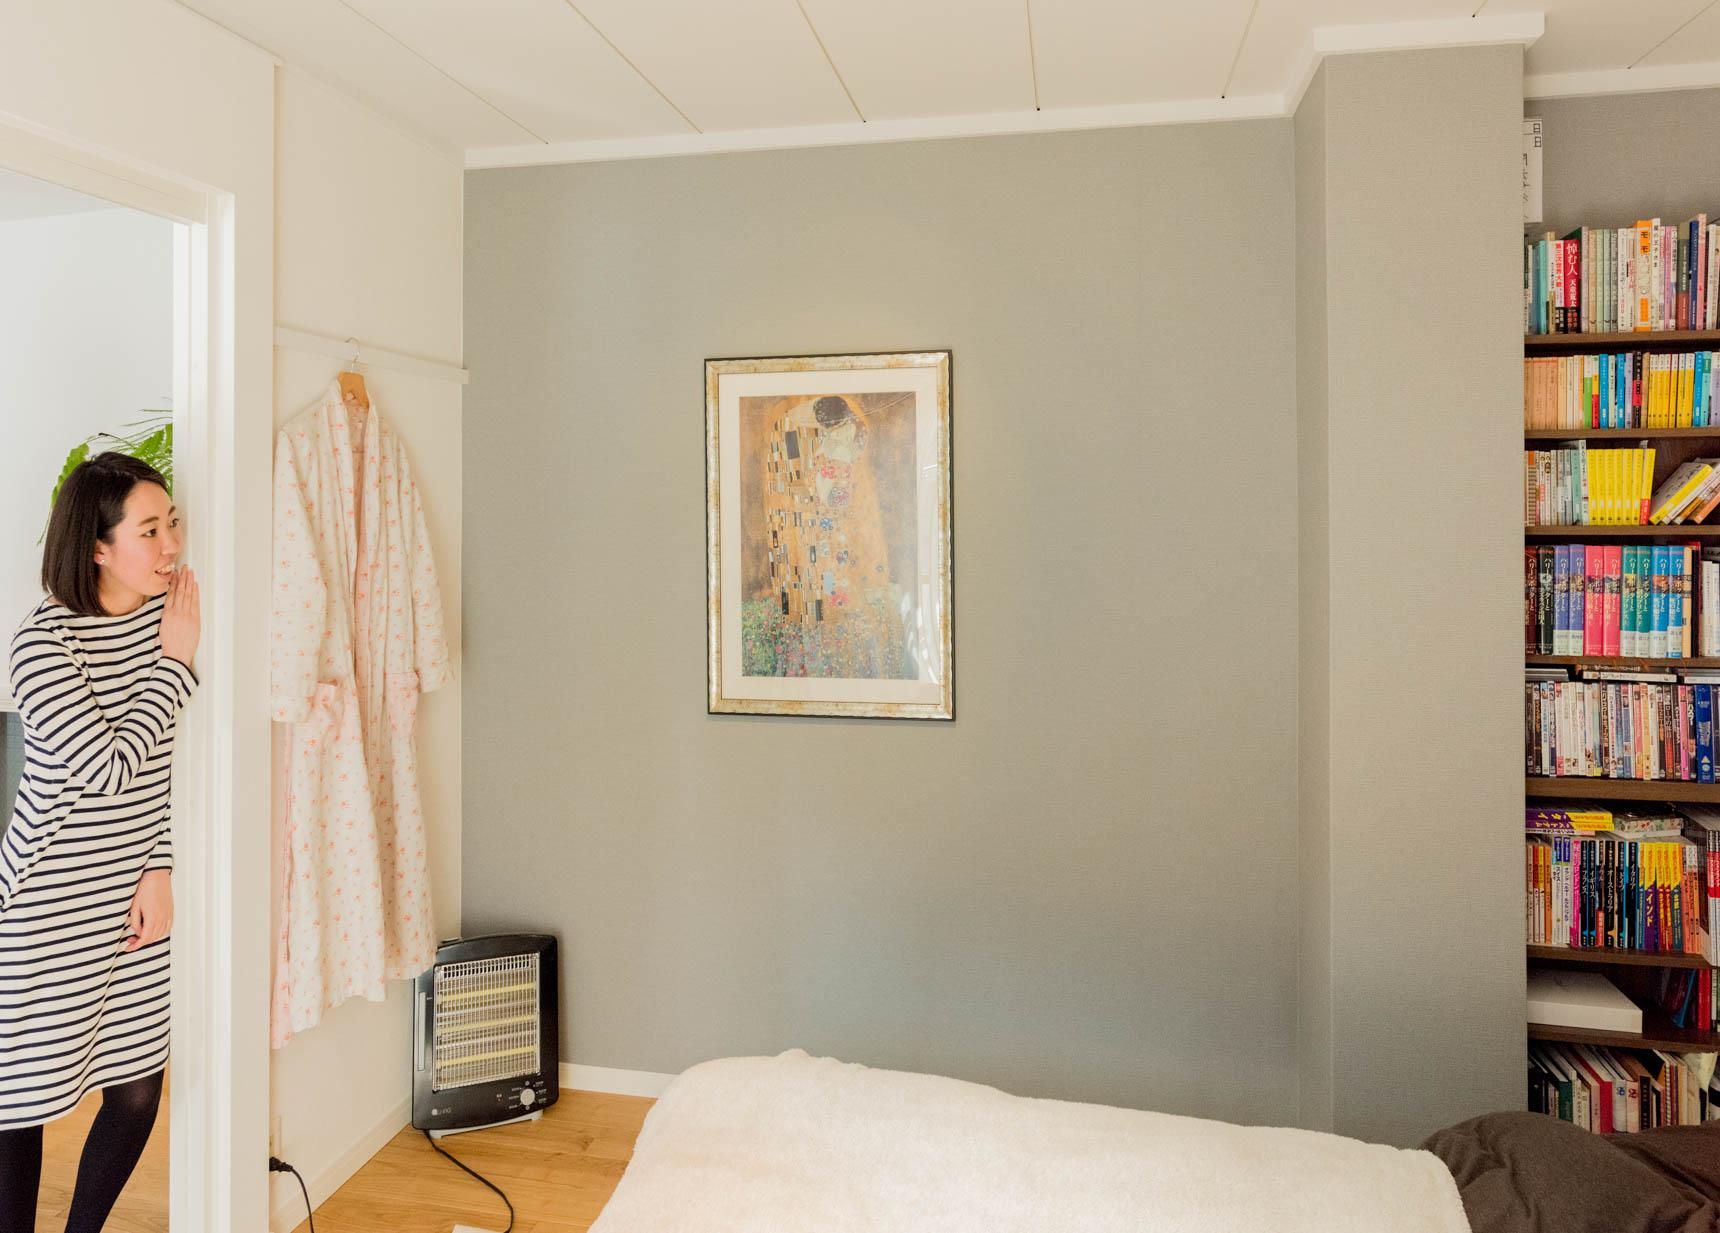 壁には鈴木さんのお気に入り、クリムトの絵がかけられている。アクセントクロスの色が選べる部屋だったので、この絵に合わせて選んだ。そういう選びかたって素敵だ。